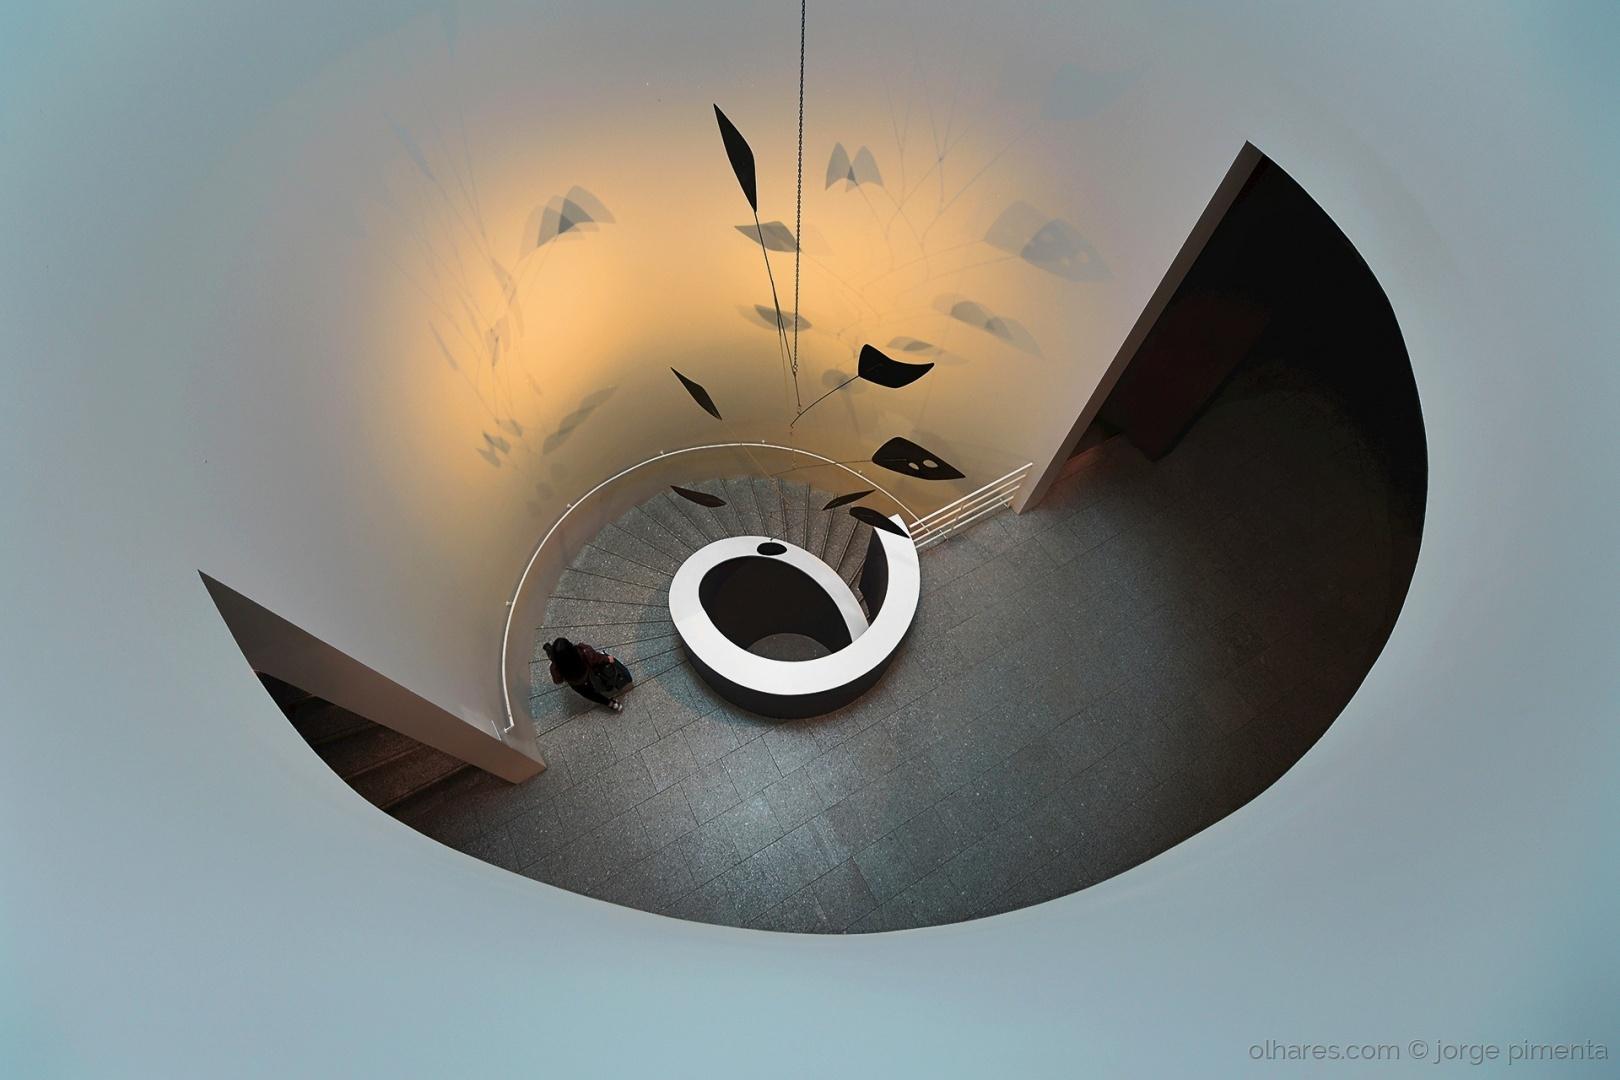 © jorge pimenta - Salto alto